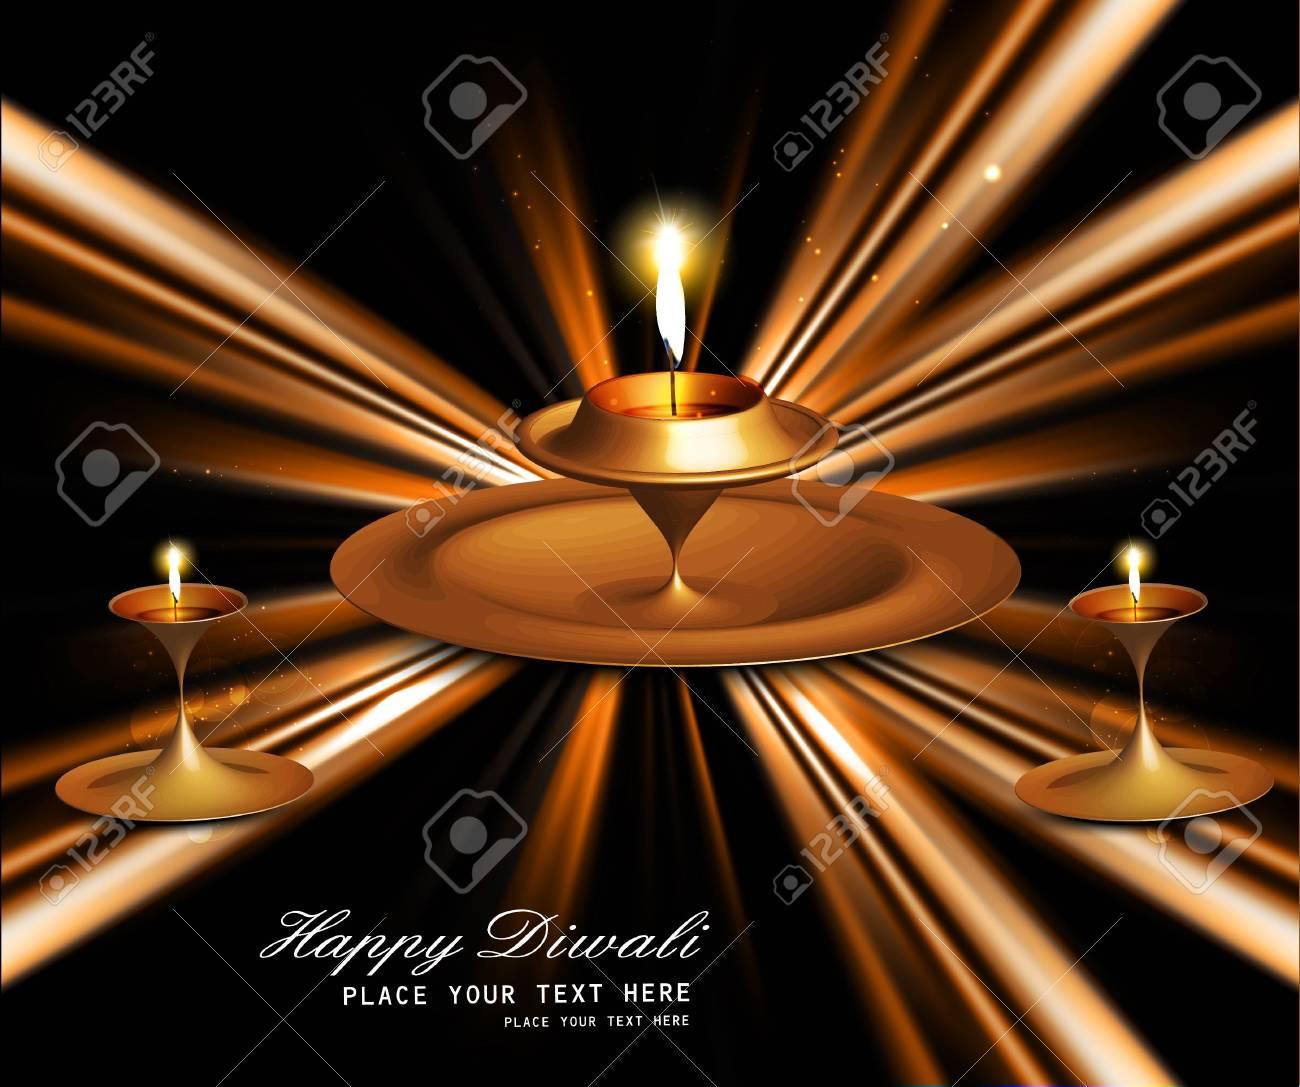 Happy diwali bright beautiful illuminating diya stylish rays wave vector Stock Vector - 18238274